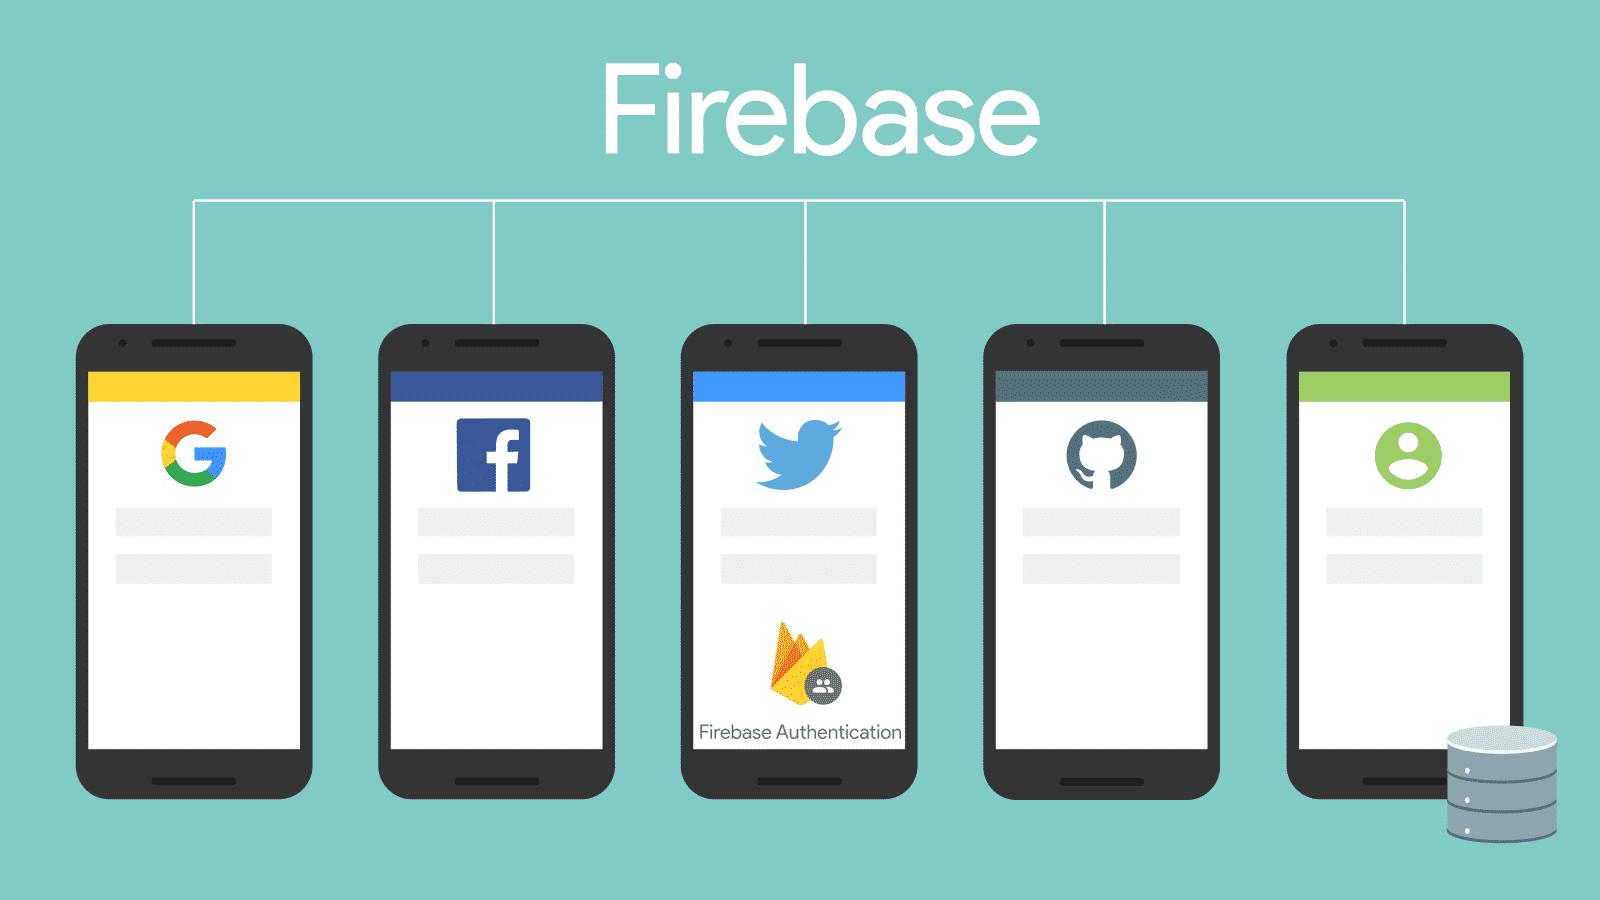 فعال کردن Firebase Auth مزایا استفاده از فایربیس